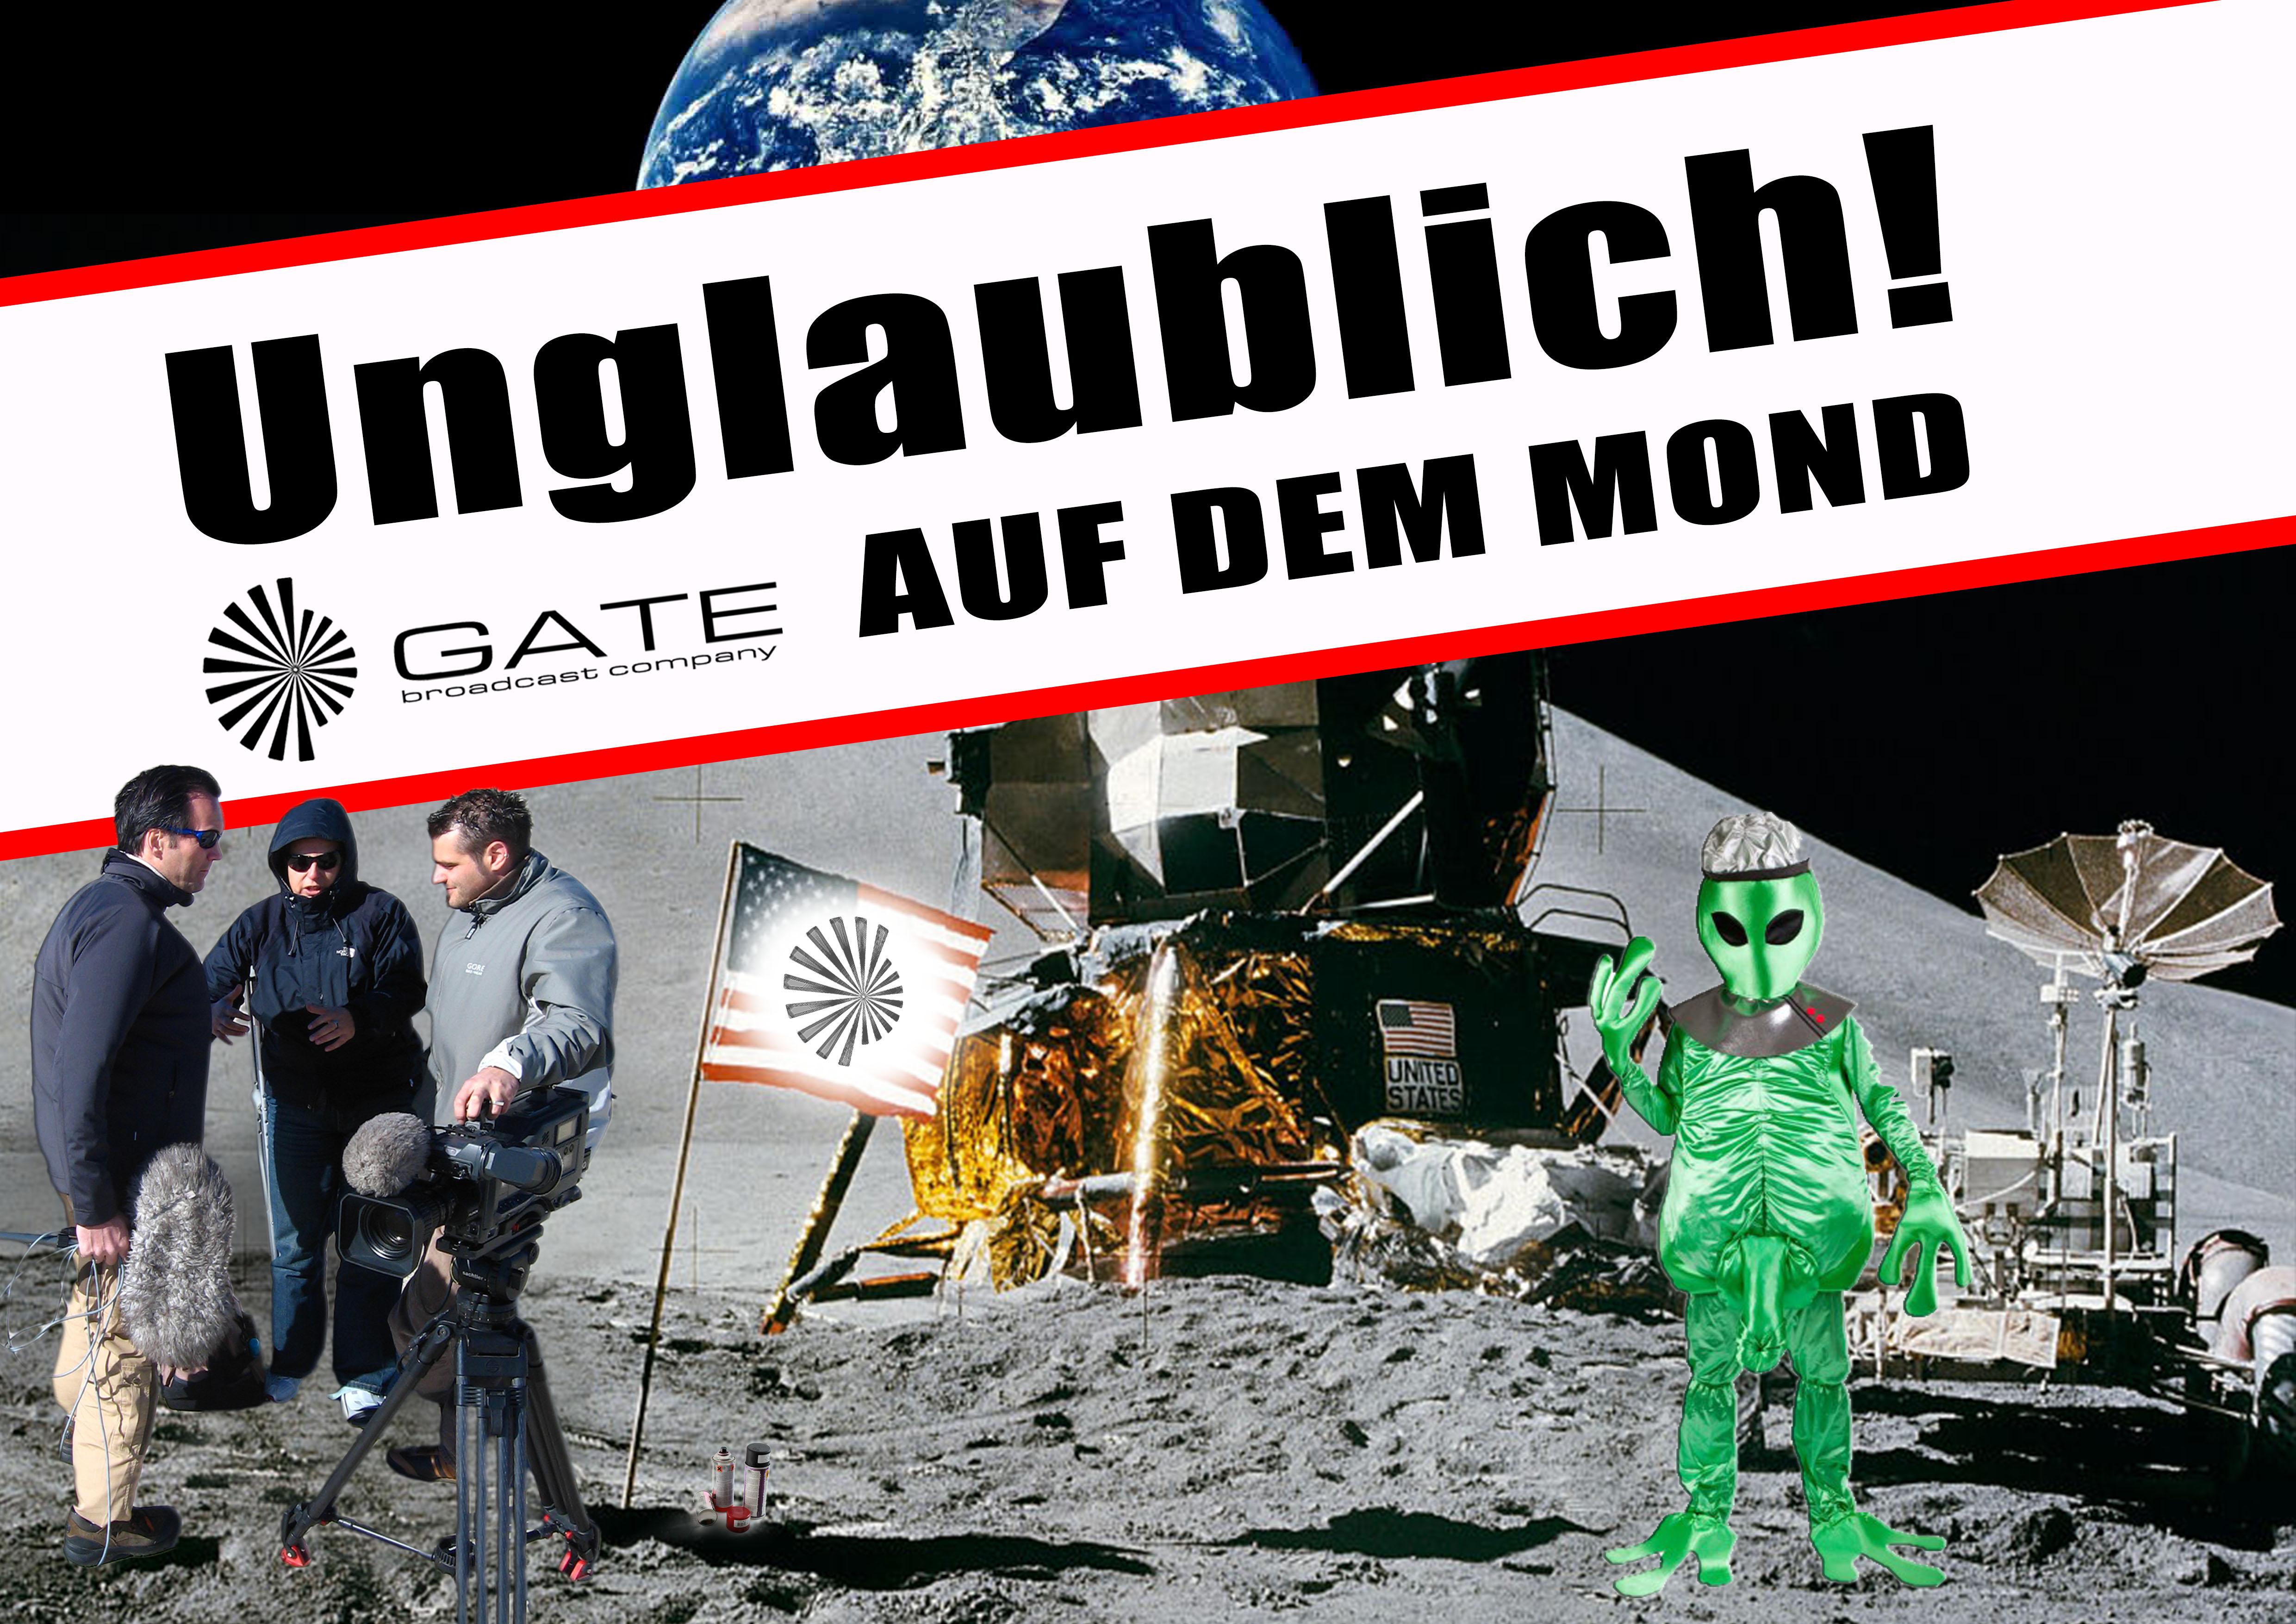 Gate_auf_dem_Mond